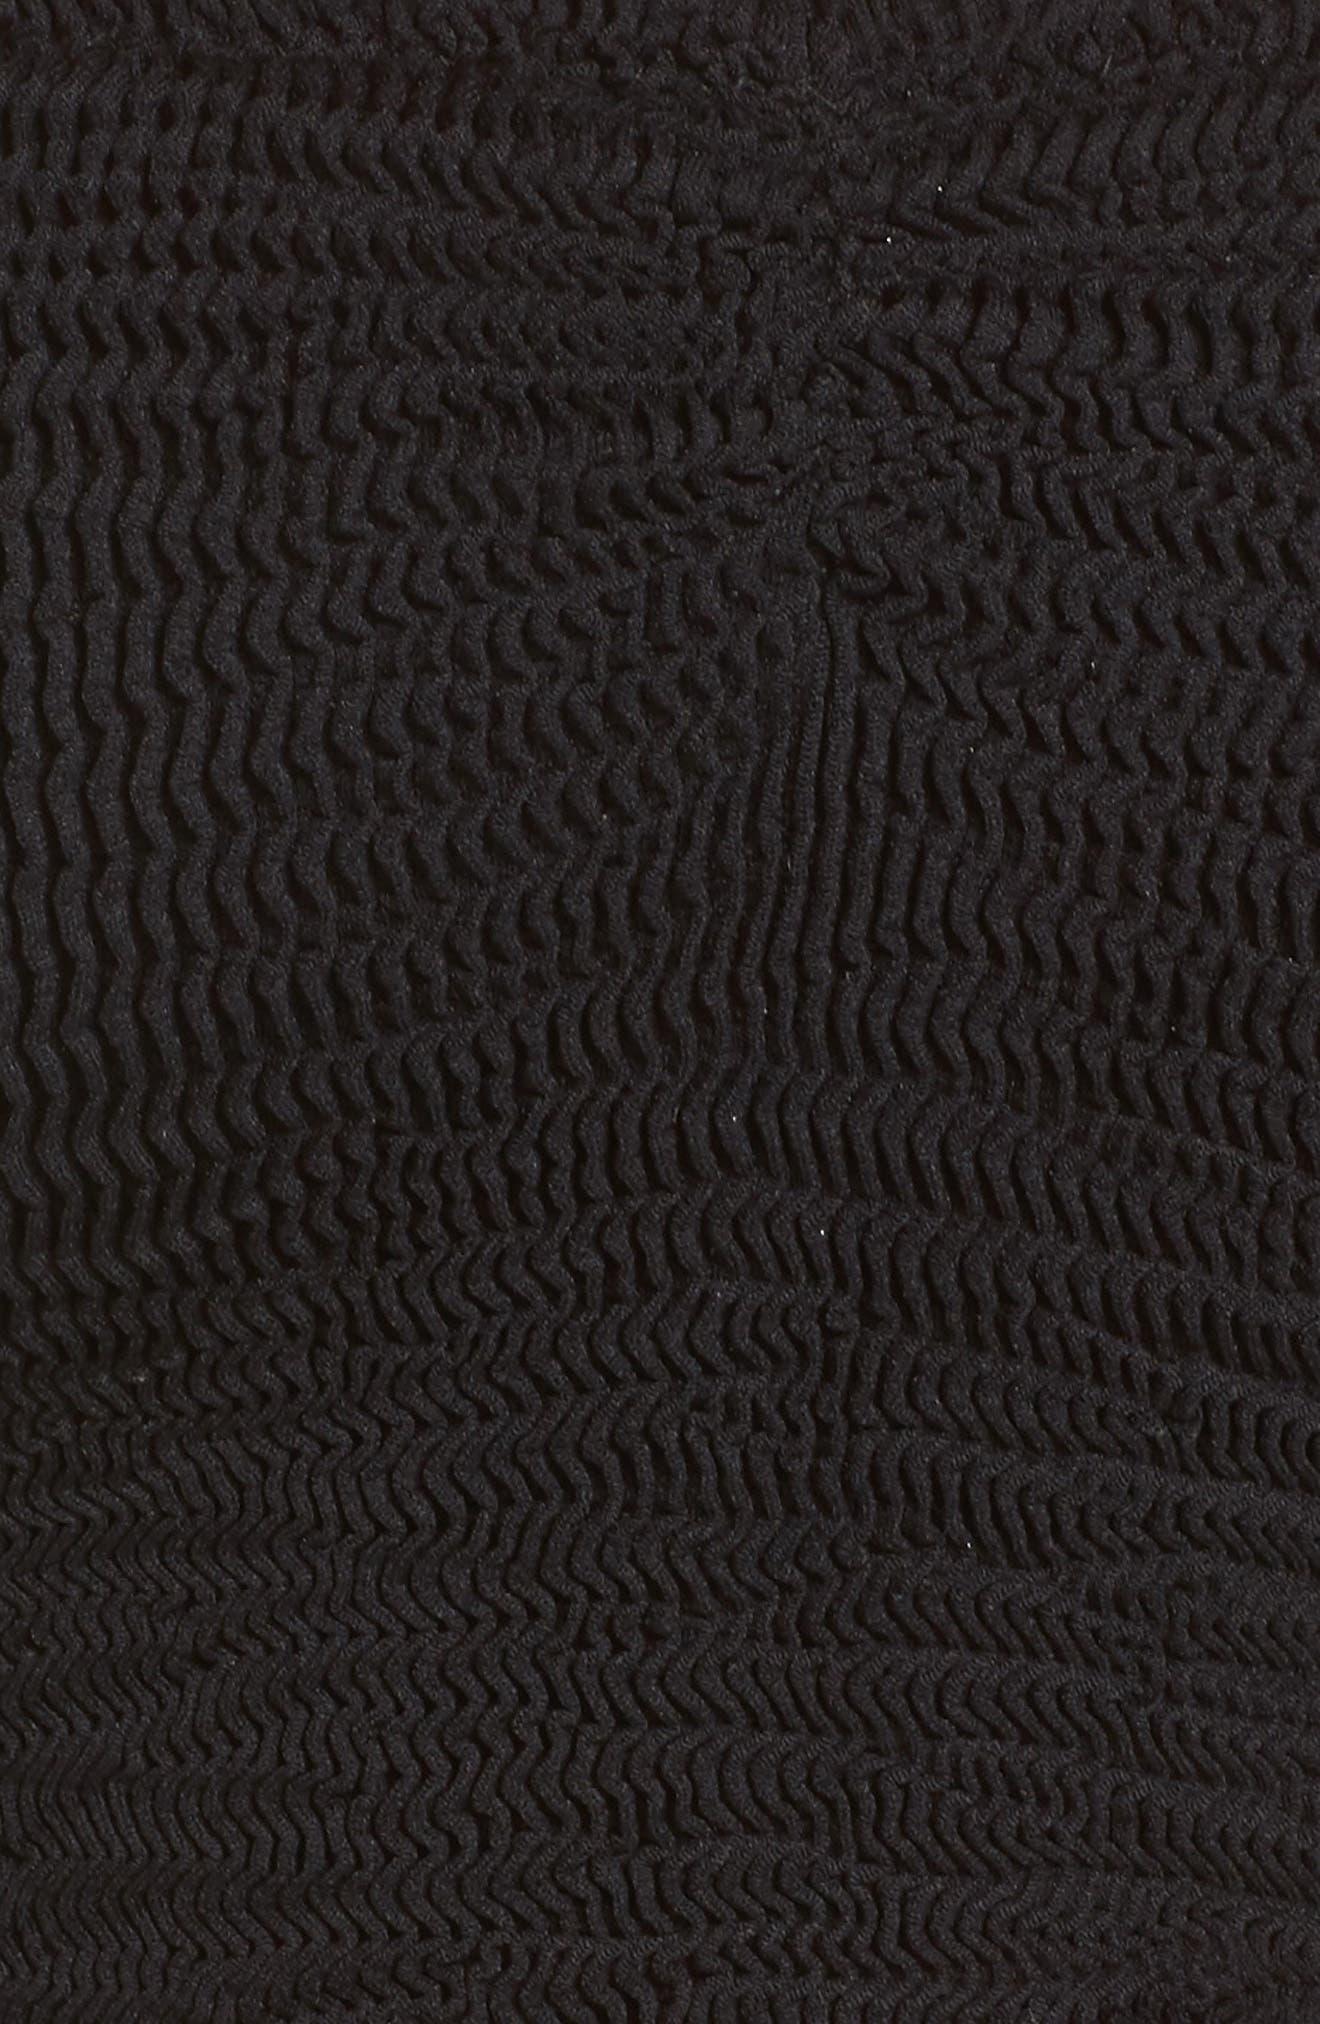 Tubular Bikini Top,                             Alternate thumbnail 5, color,                             Black